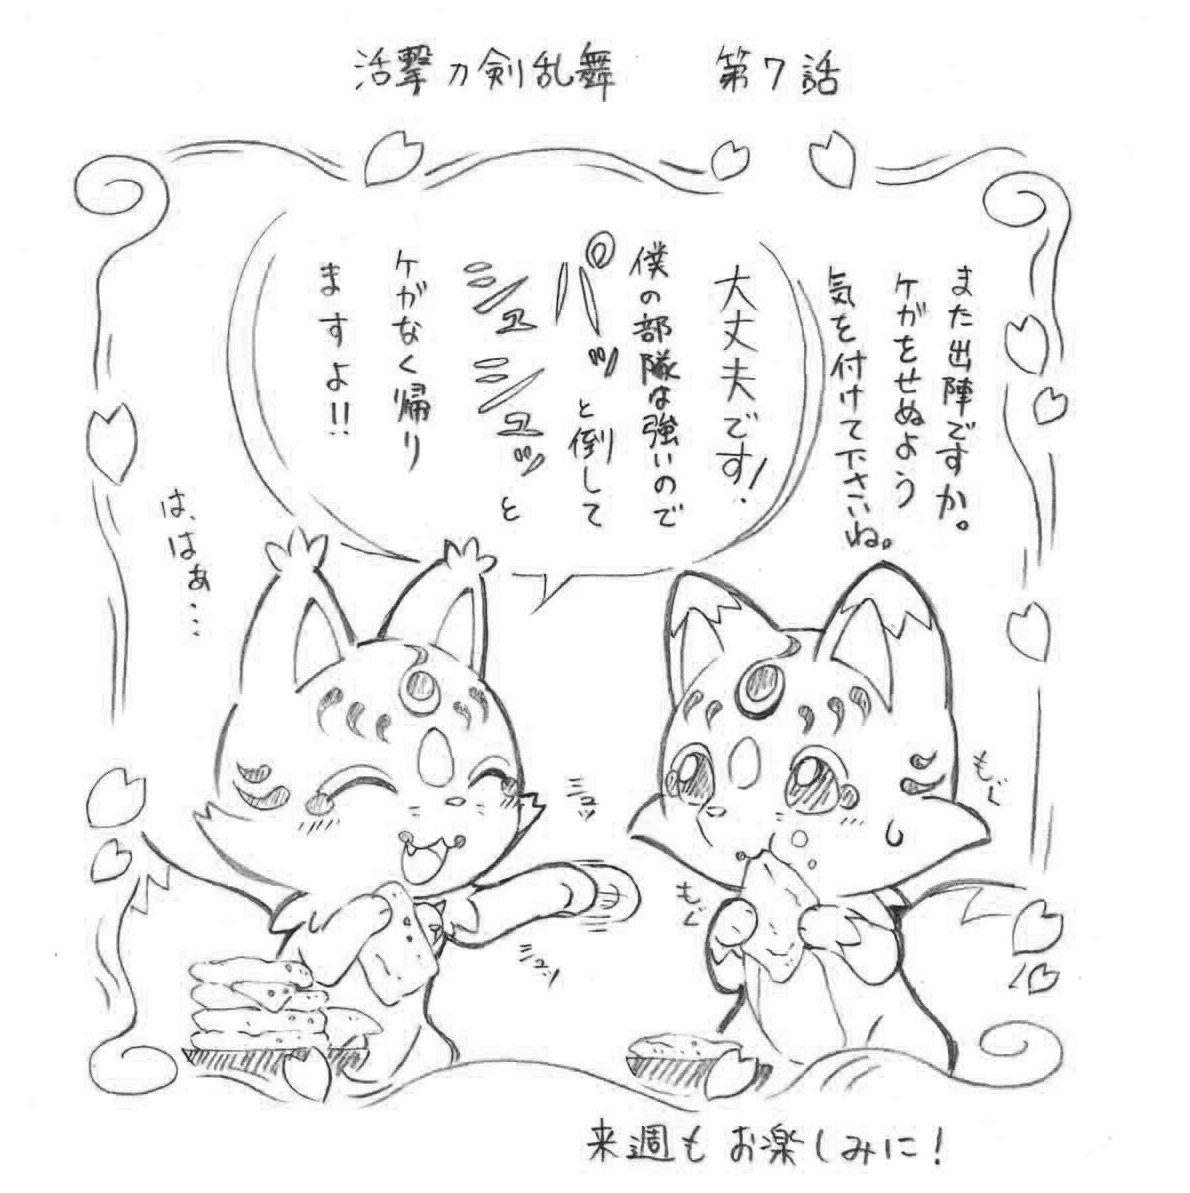 ◆『活撃 刀剣乱舞』◆ こんのすけのキャラクターデザイン瀬来よりおまけ画像が届いております。  次週…